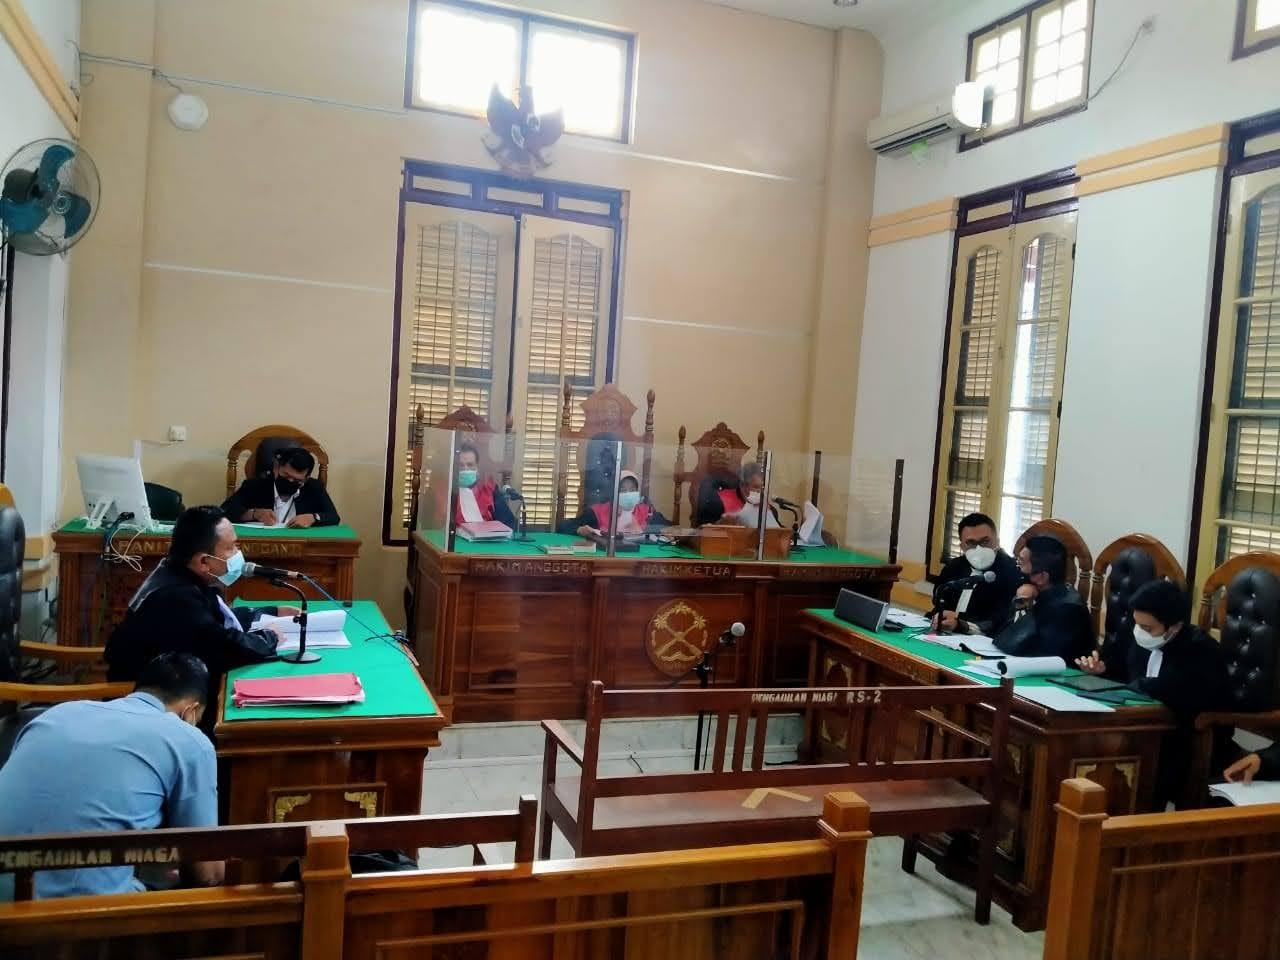 """""""Semakin Terungkap"""" Kejanggalan dalam kasus hukum Anwar tanuhadi dalam kasus penggelapan Rp. 4 milyar di PN medan"""